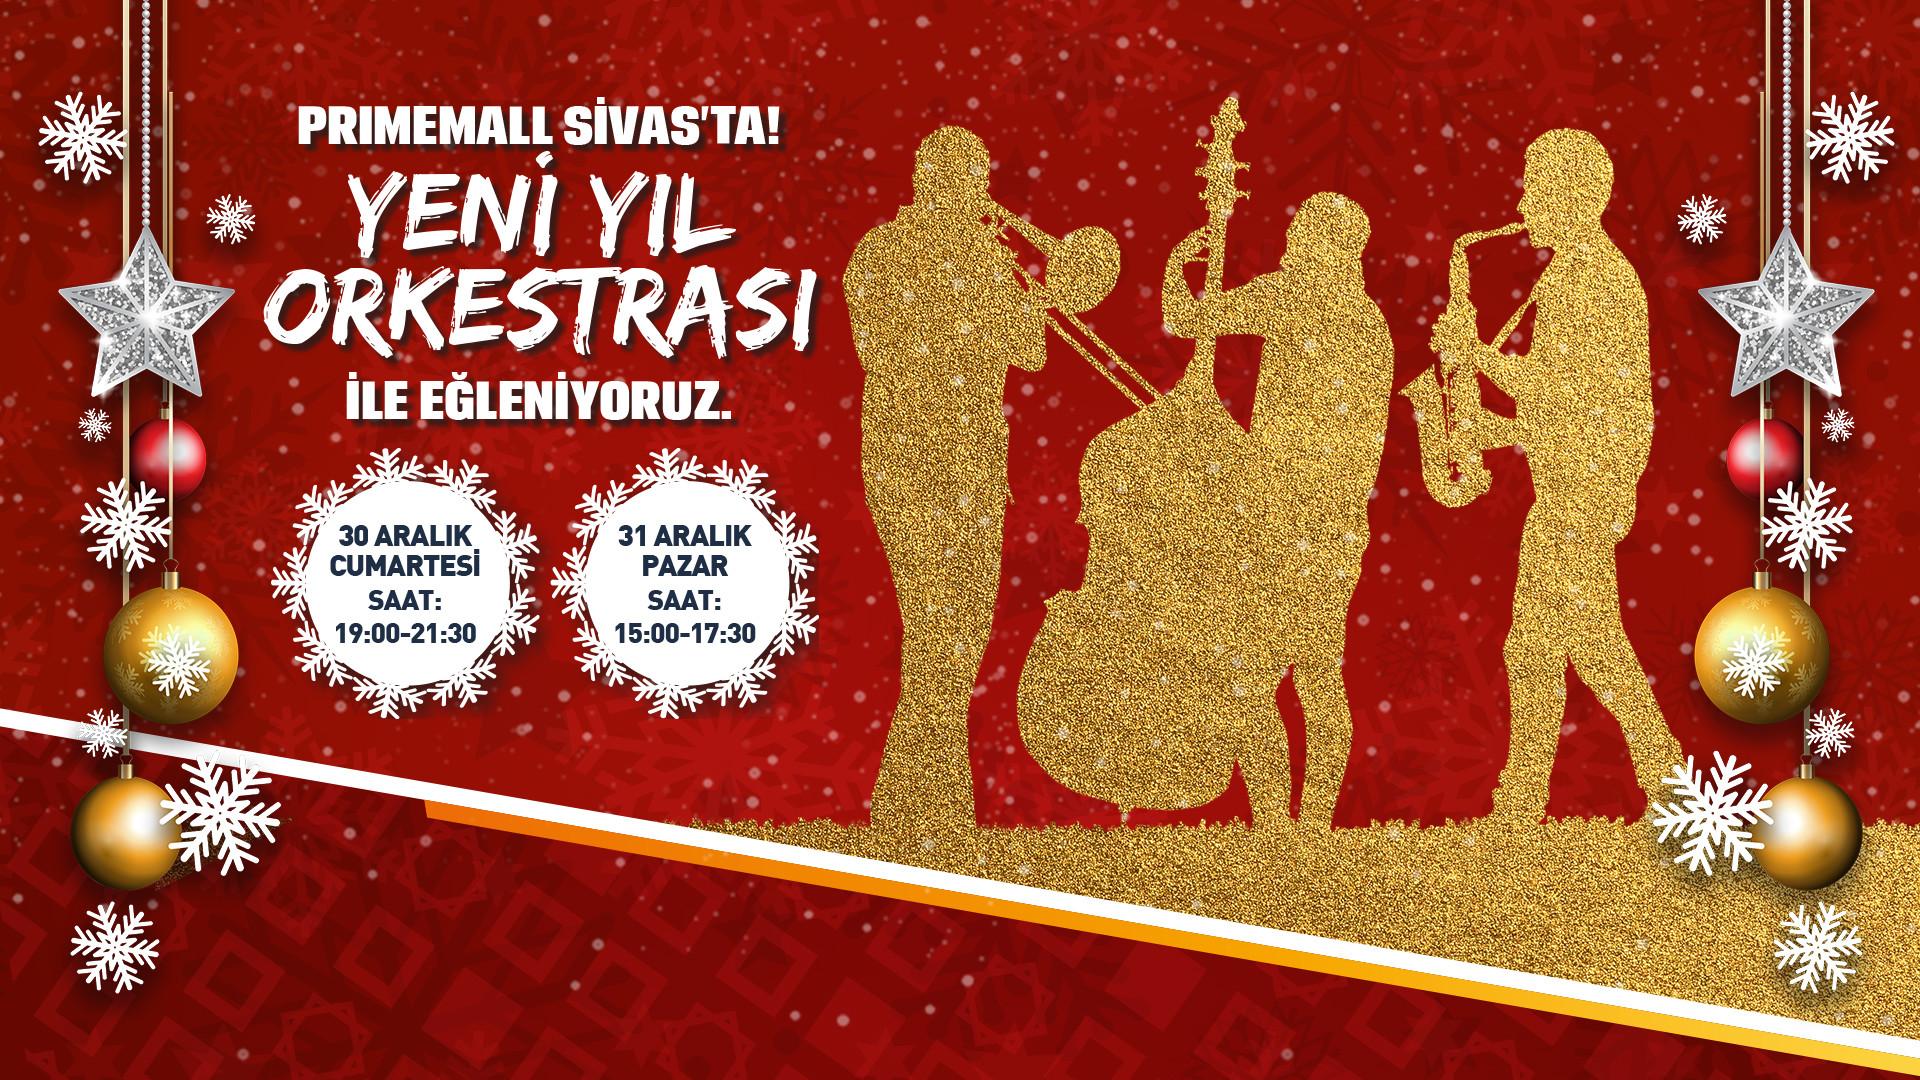 Primemall Sivas'ta Yeni Yıl Orkestrası ile Eğleniyoruz